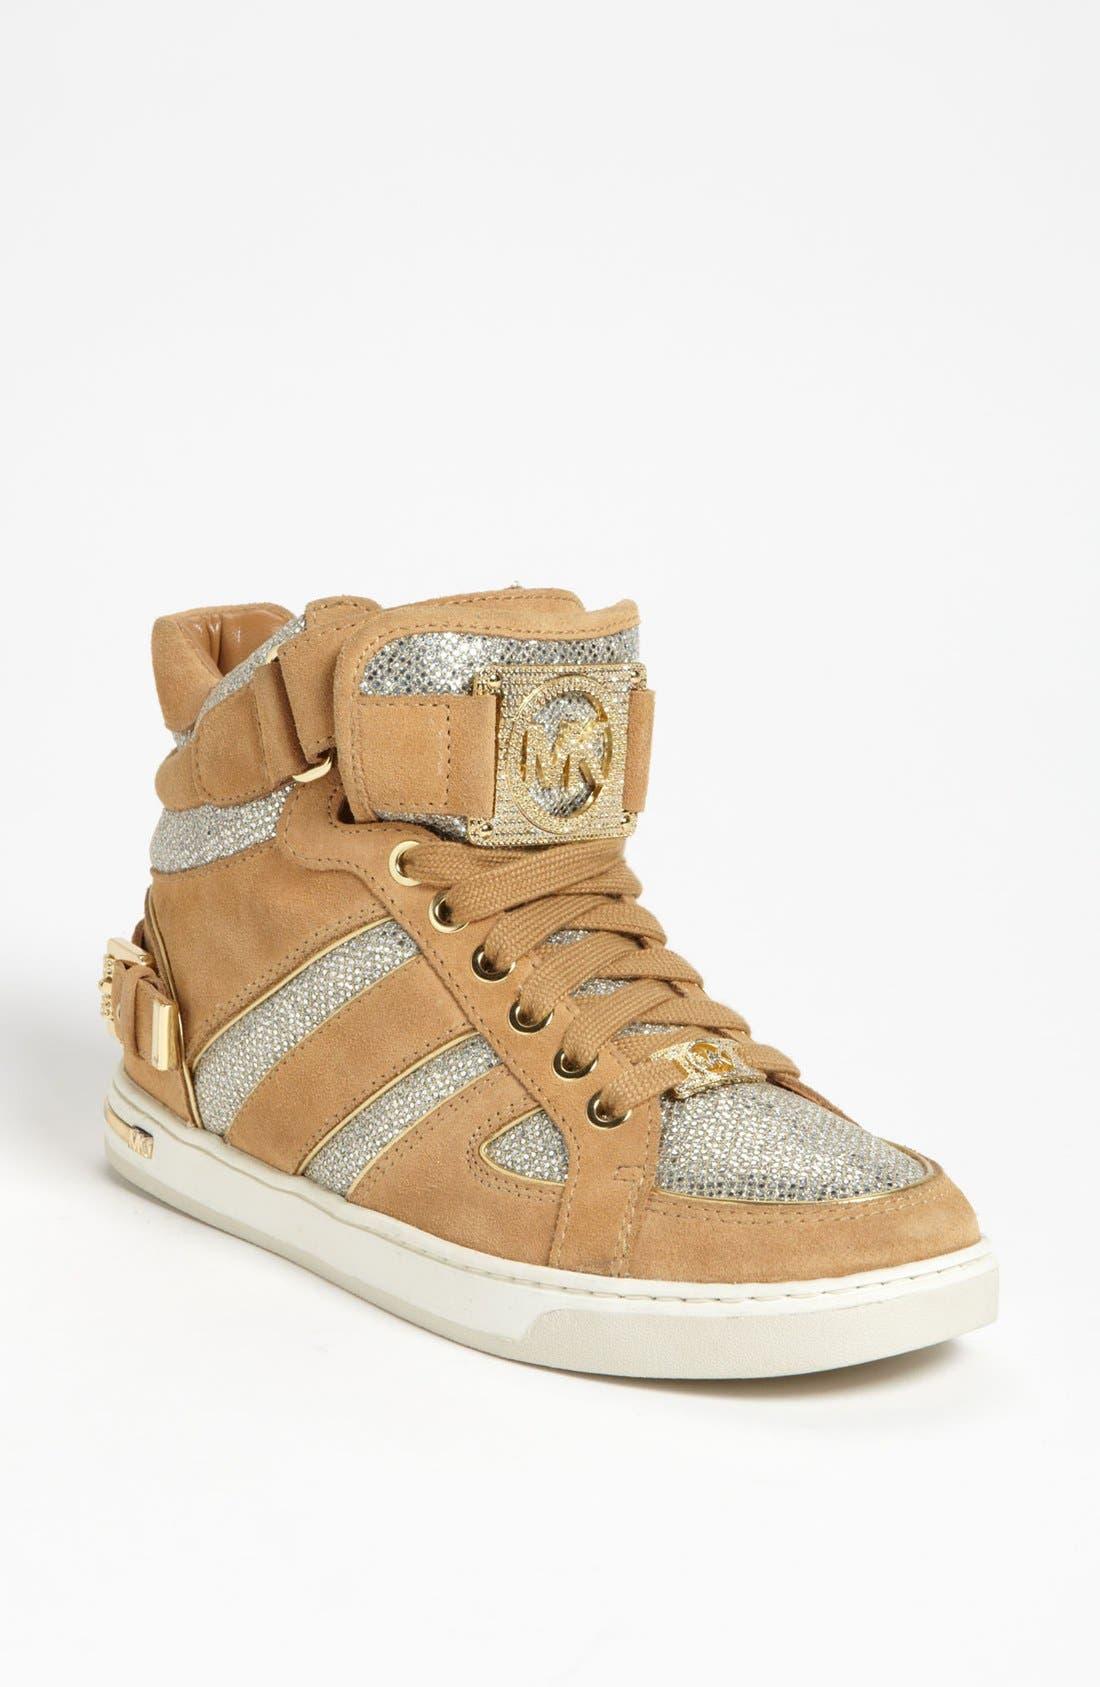 Main Image - MICHAEL Michael Kors 'Fulton' High Top Sneaker